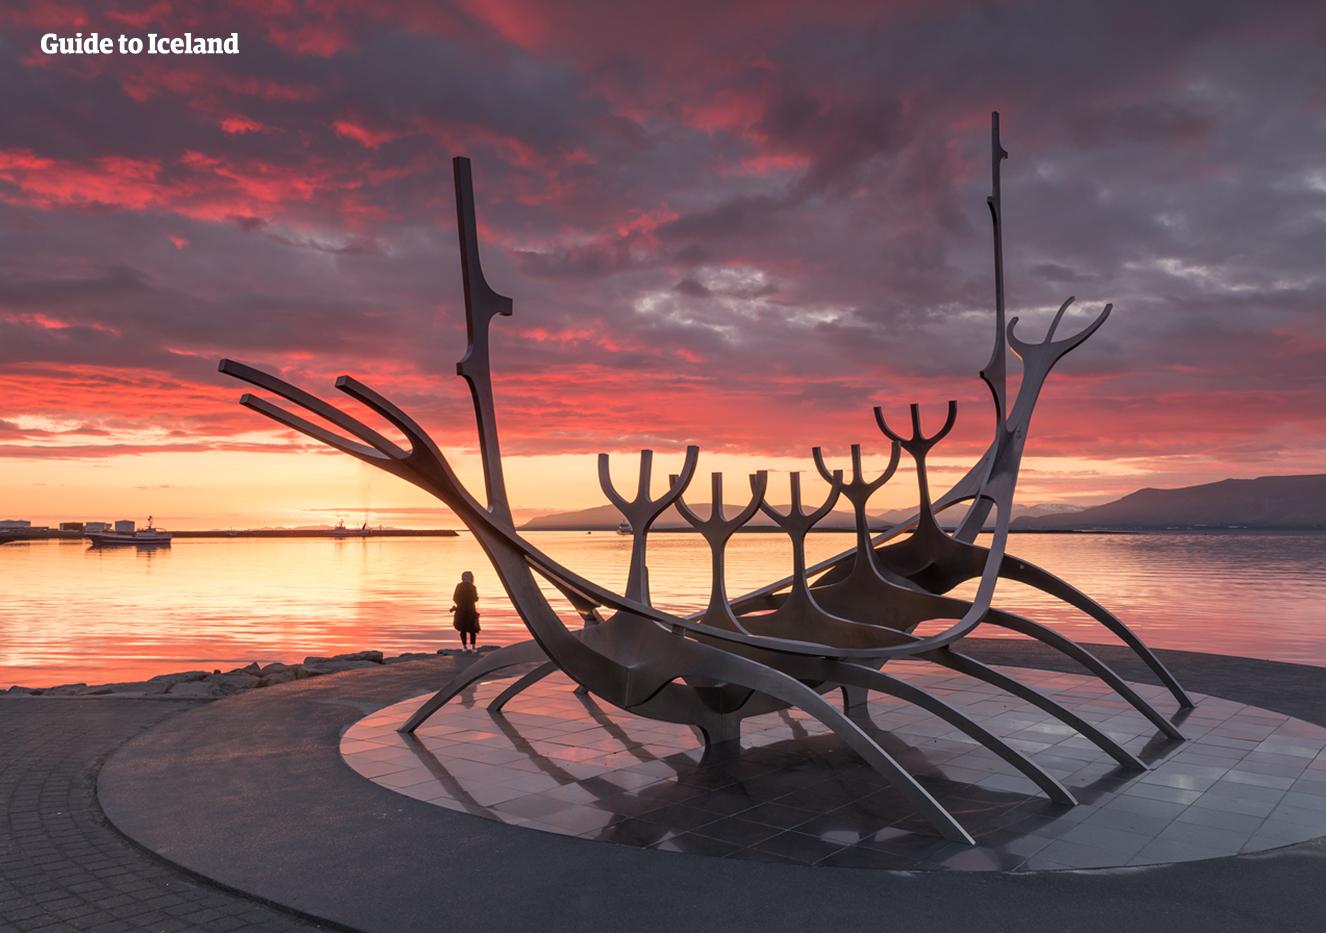 Die Skulptur 'Sun Voyager' steht an Reykjaviks Küste, nicht weit von der Konzerthalle Harpa entfernt.